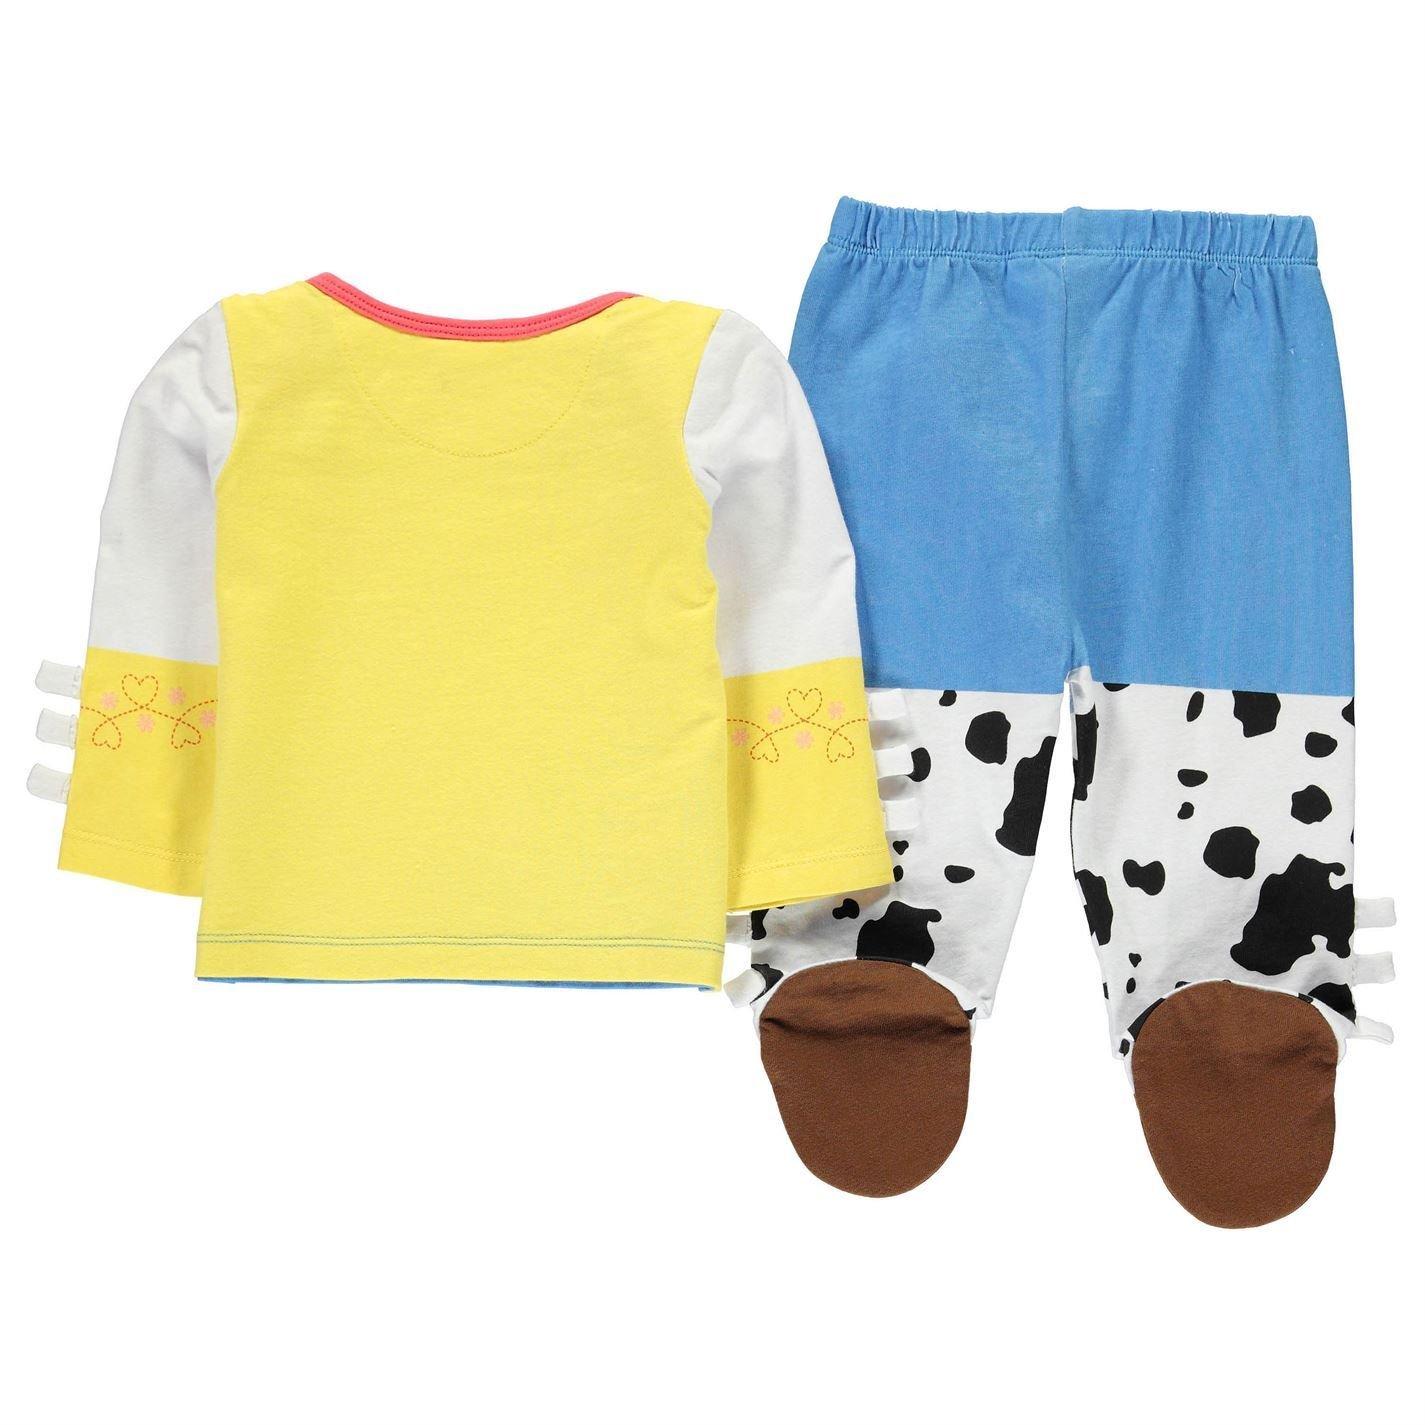 Disney Toy Story Jessie 2 Piece Pyjama Set Infant Baby Blue//Wht Pajama Sleepwear